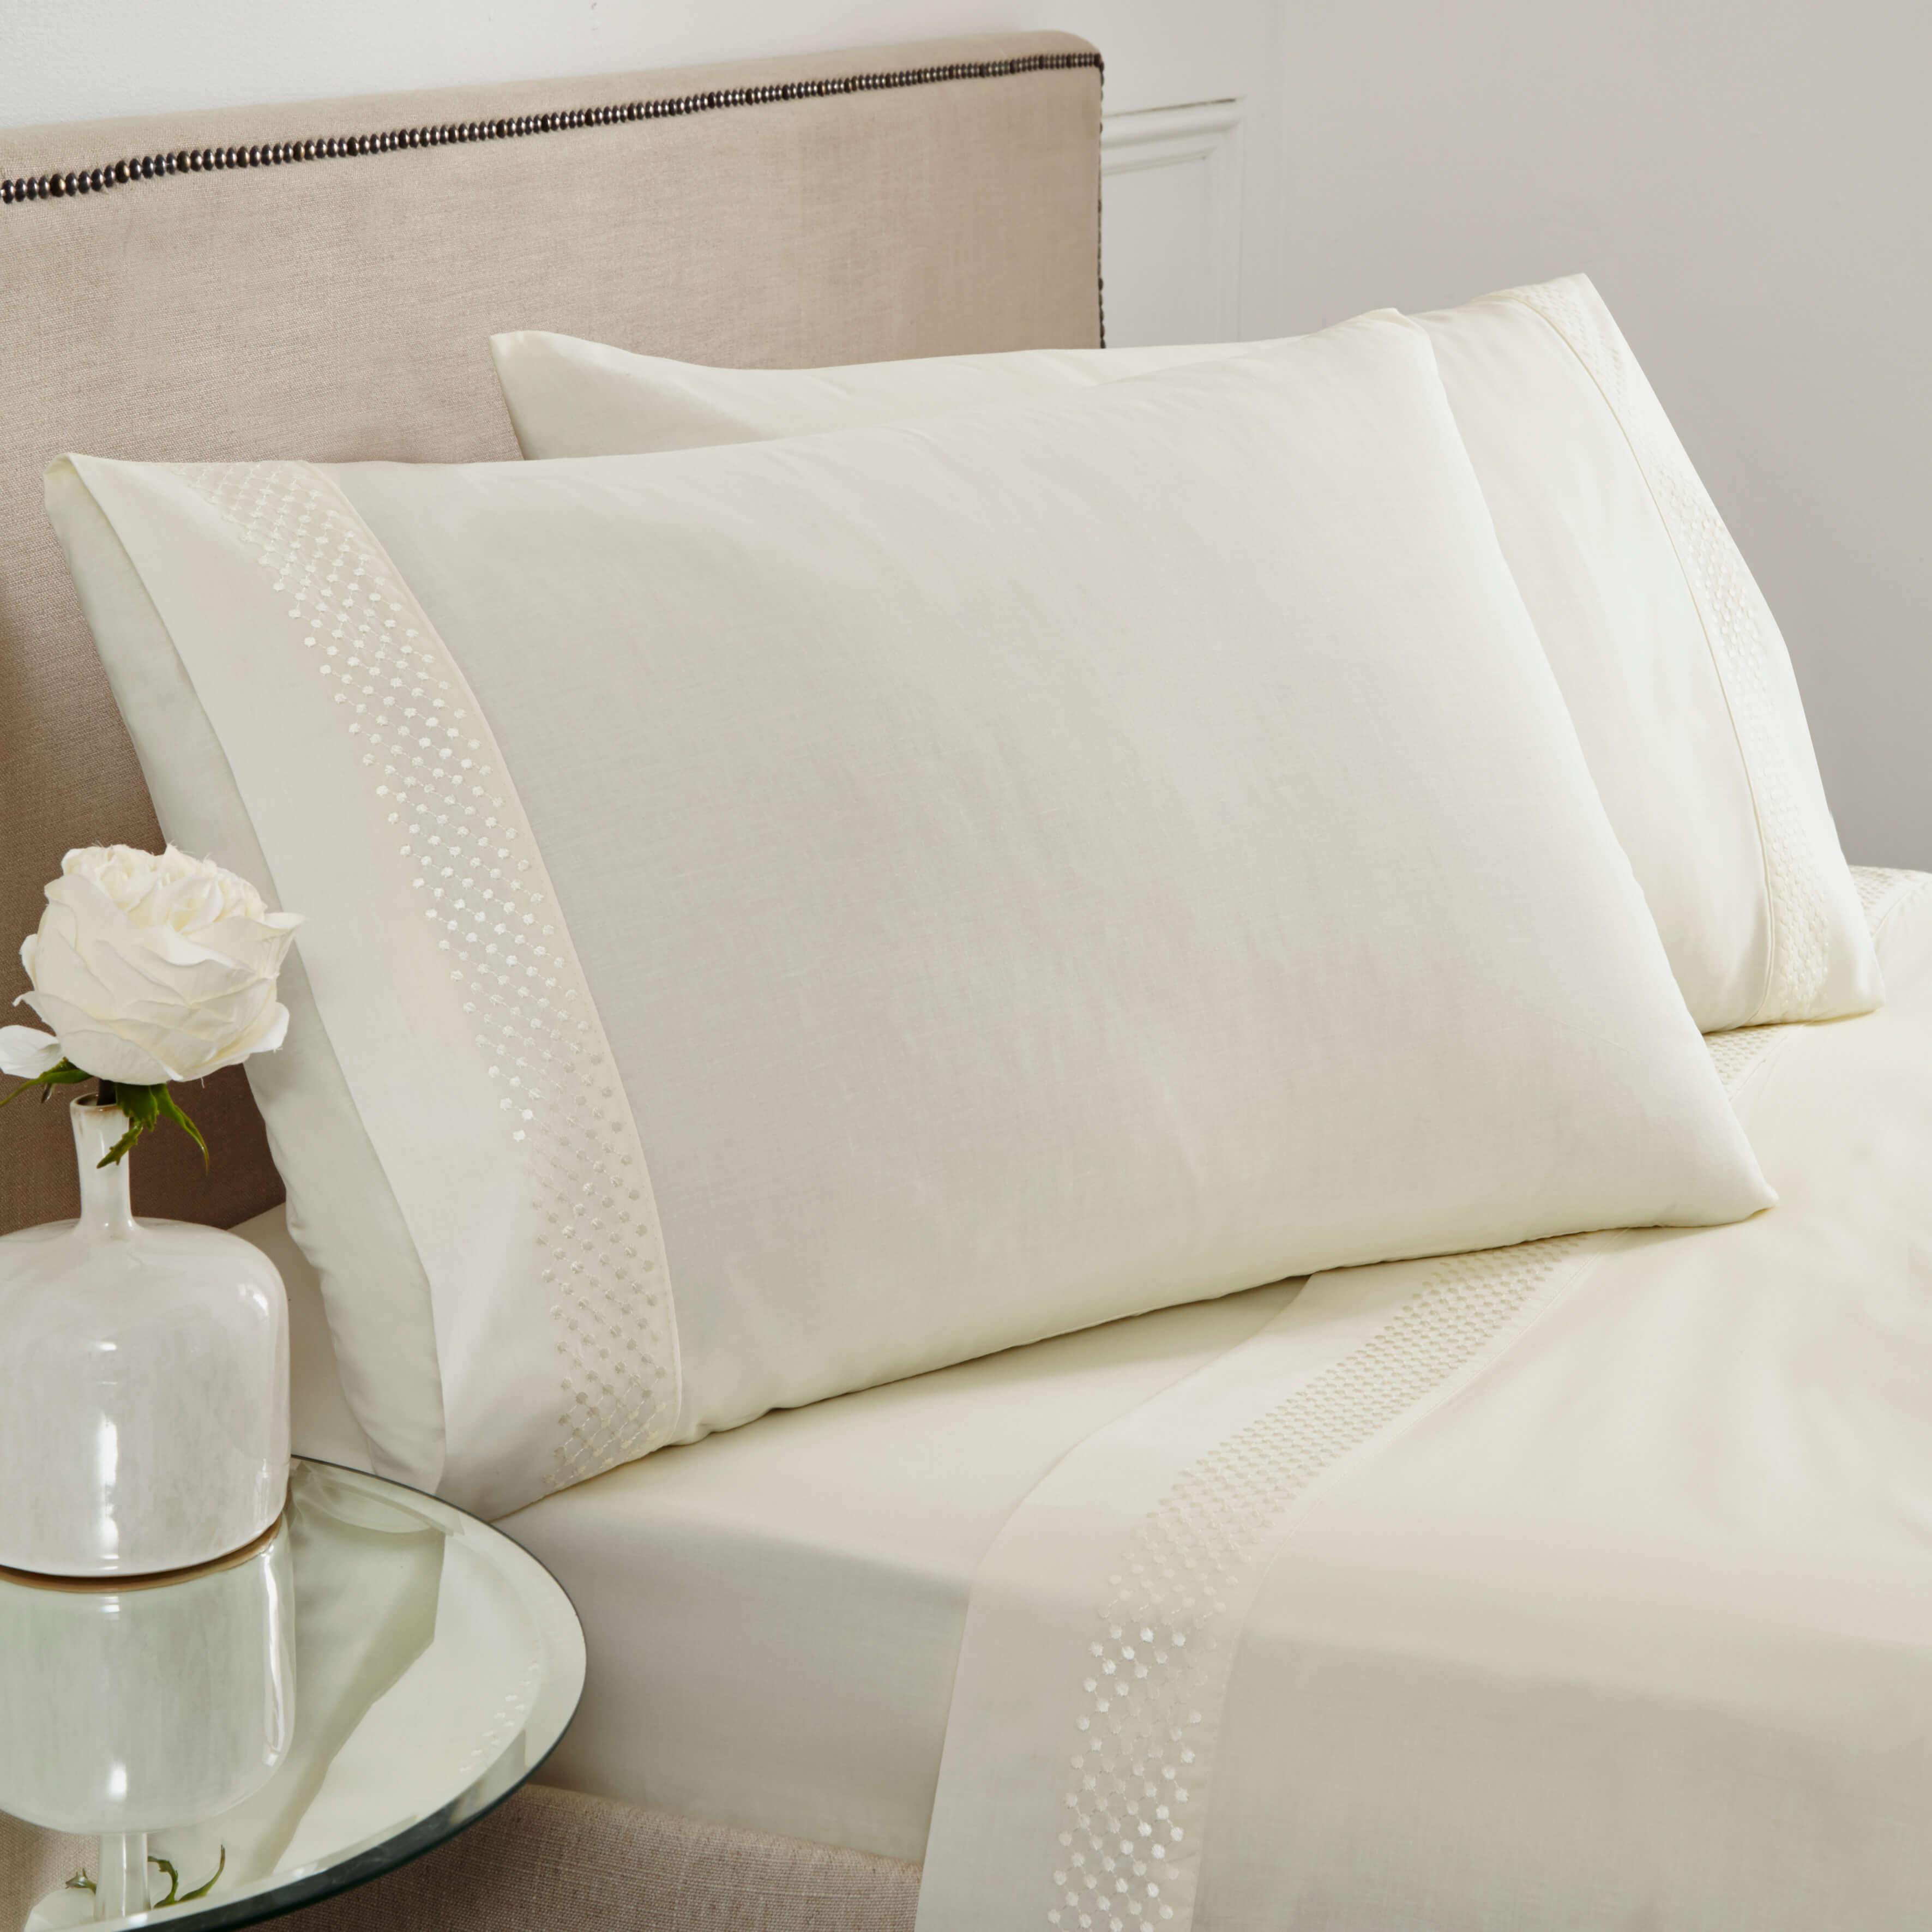 portland luxury sheet set super king size white. Black Bedroom Furniture Sets. Home Design Ideas